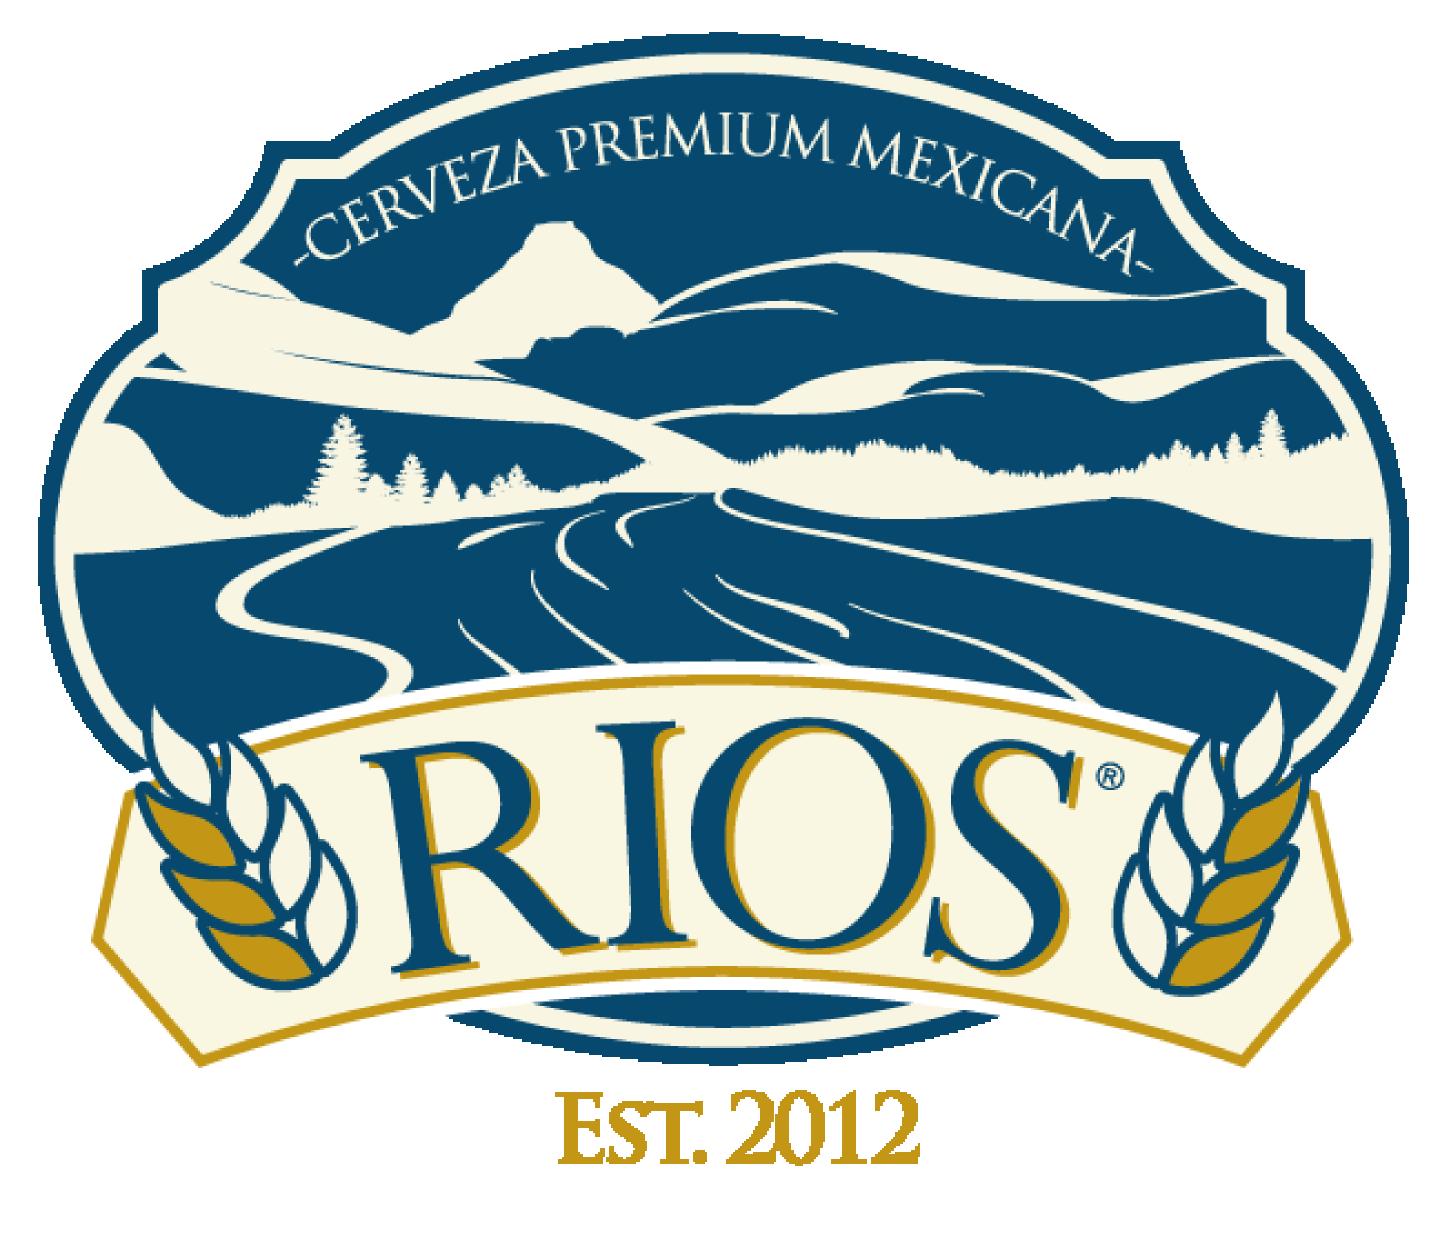 Logo de Cerveza Ríos, cerveza artesanal